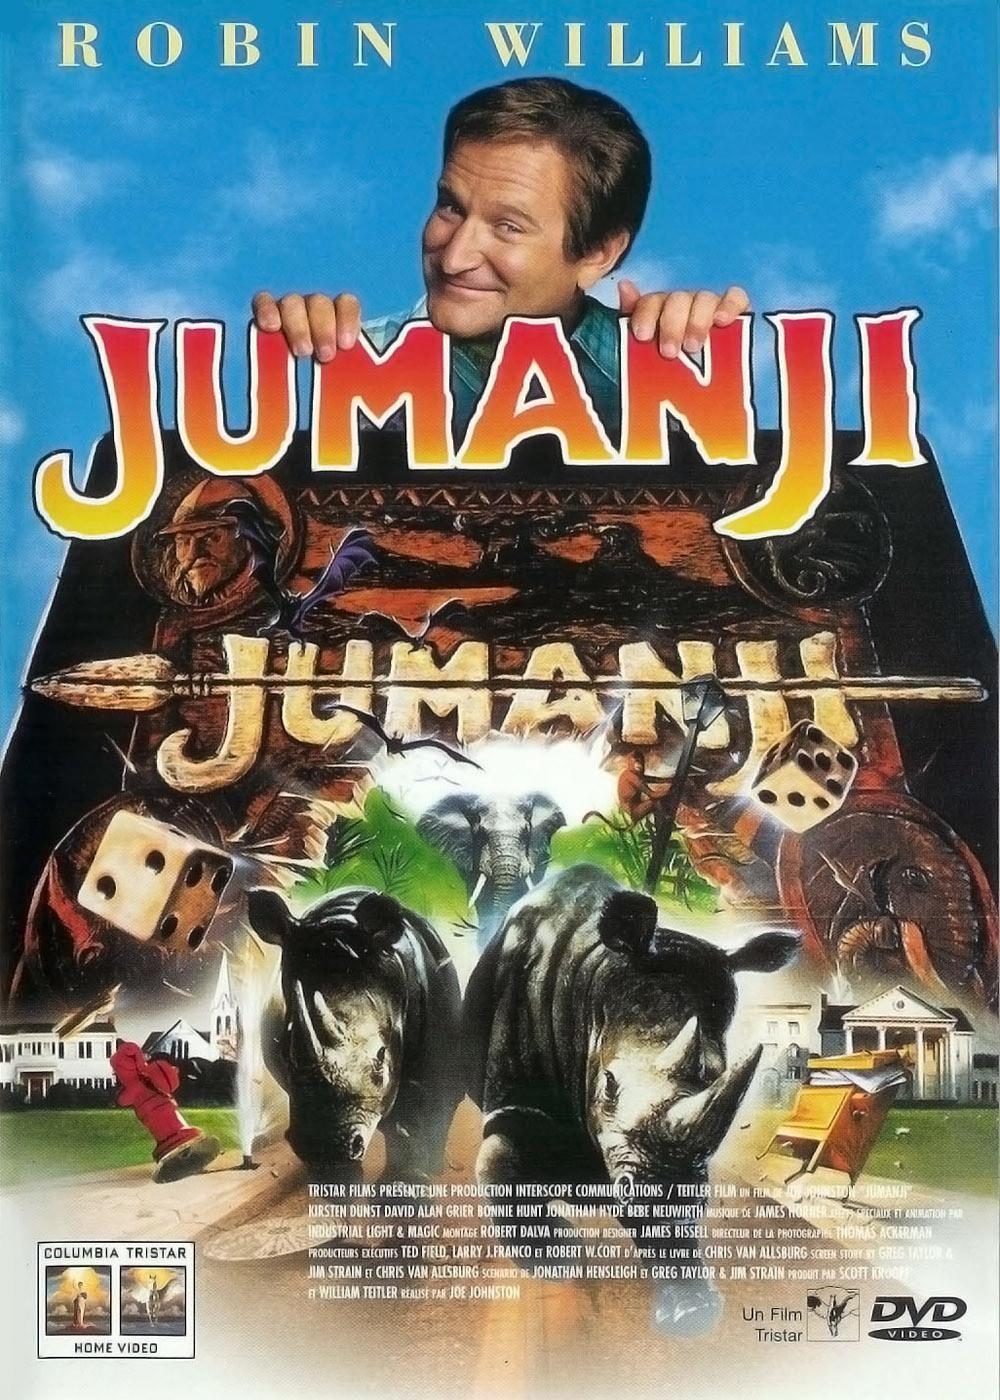 Ver Pelicula Aqui Http Peliculas69 Com Pelicula 5117 Jumanji 1995 Html Childhood Movies Jumanji Movie Kids Movies